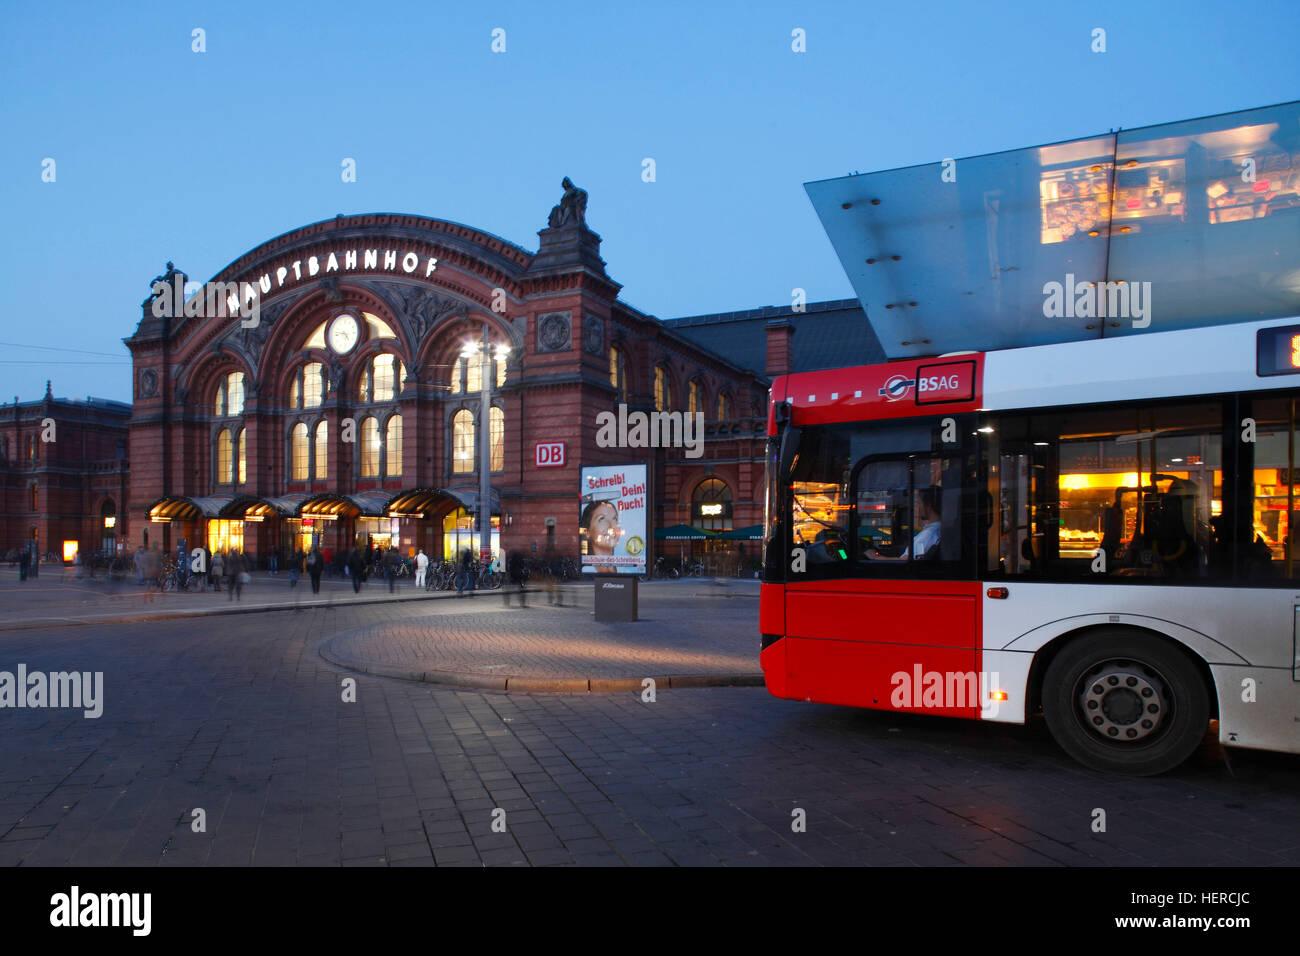 Autobus mit Hauptbahnhof am Bahnhofsplatz bei Abenddämmerung, Bremen, Deutschland, Europa Stock Photo